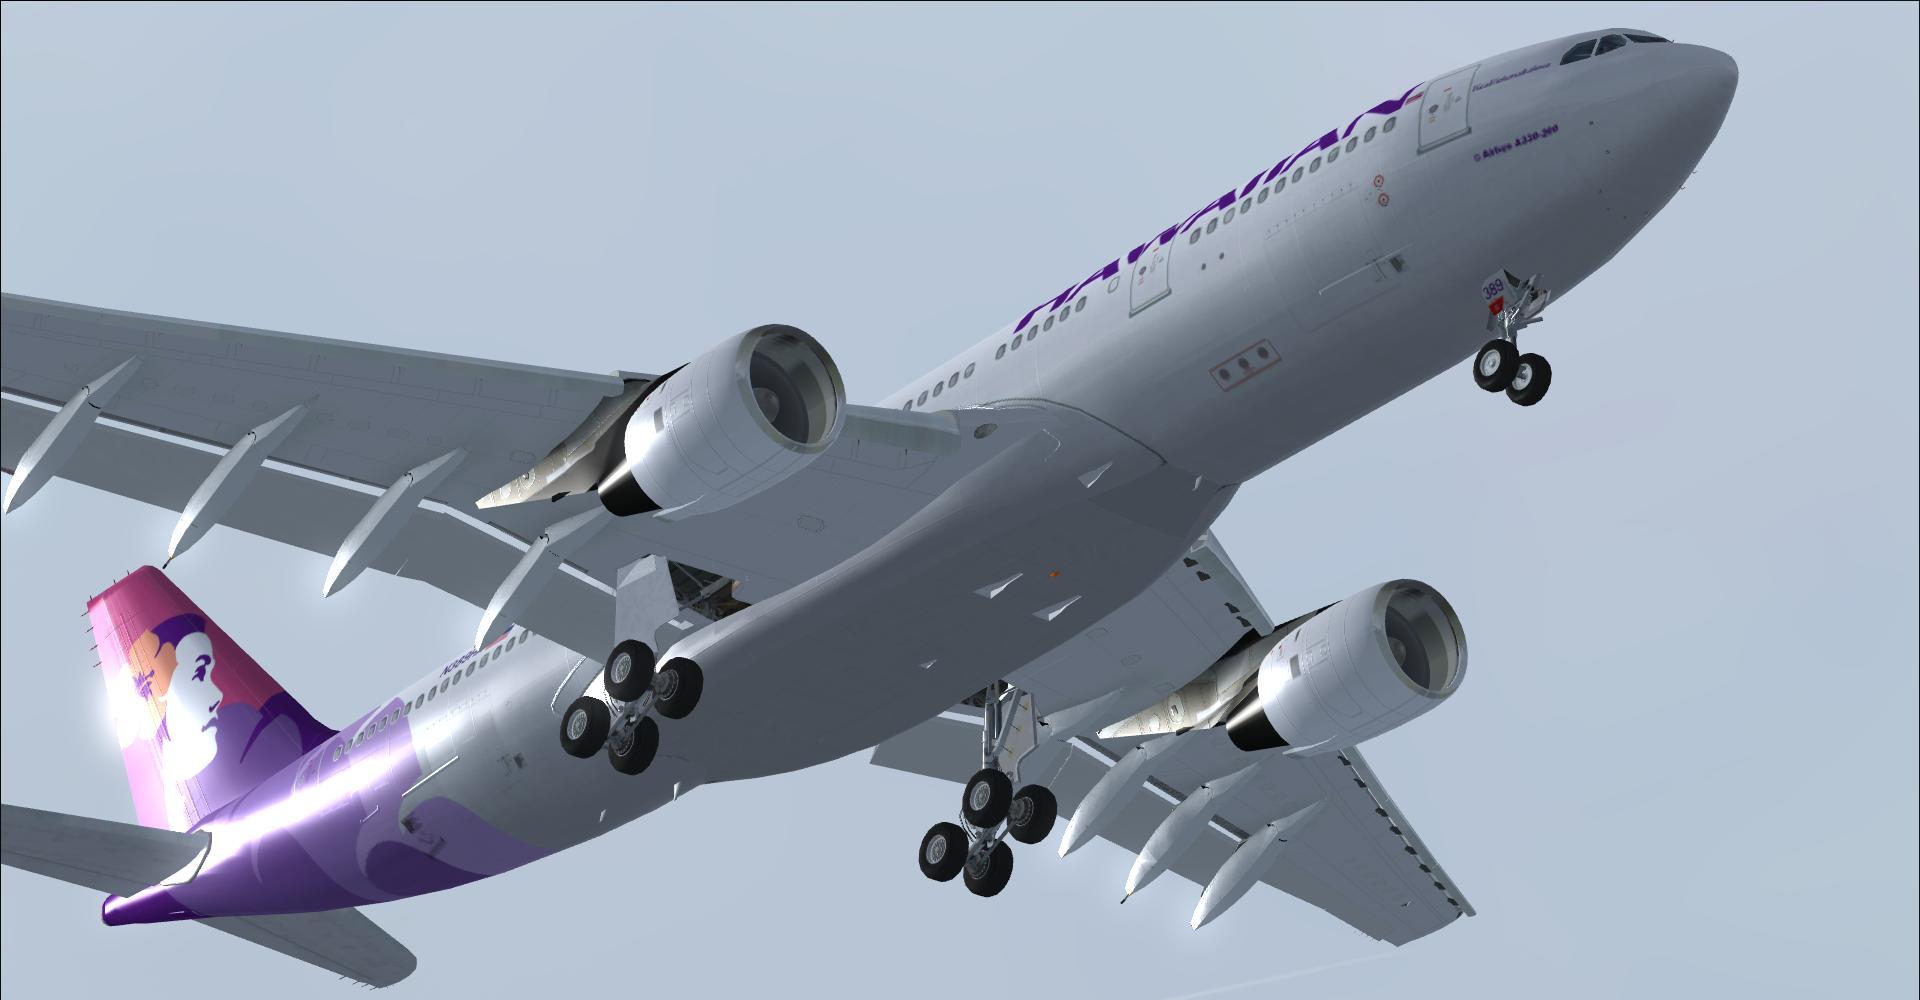 Airbus - Rikoooo